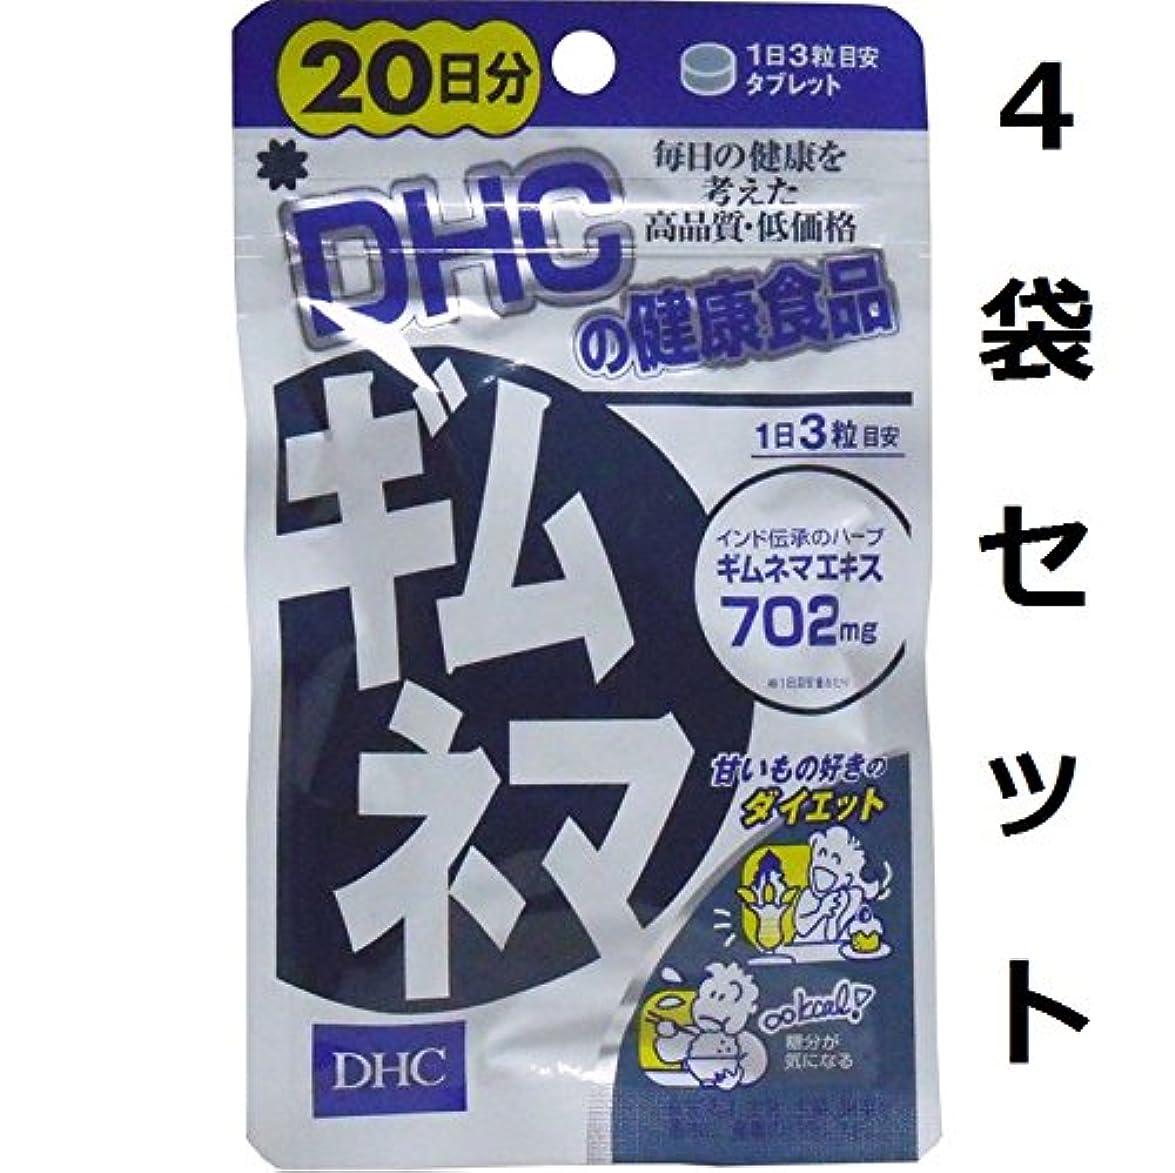 浜辺温帯利用可能余分な糖分をブロック DHC ギムネマ 20日分 60粒 4袋セット